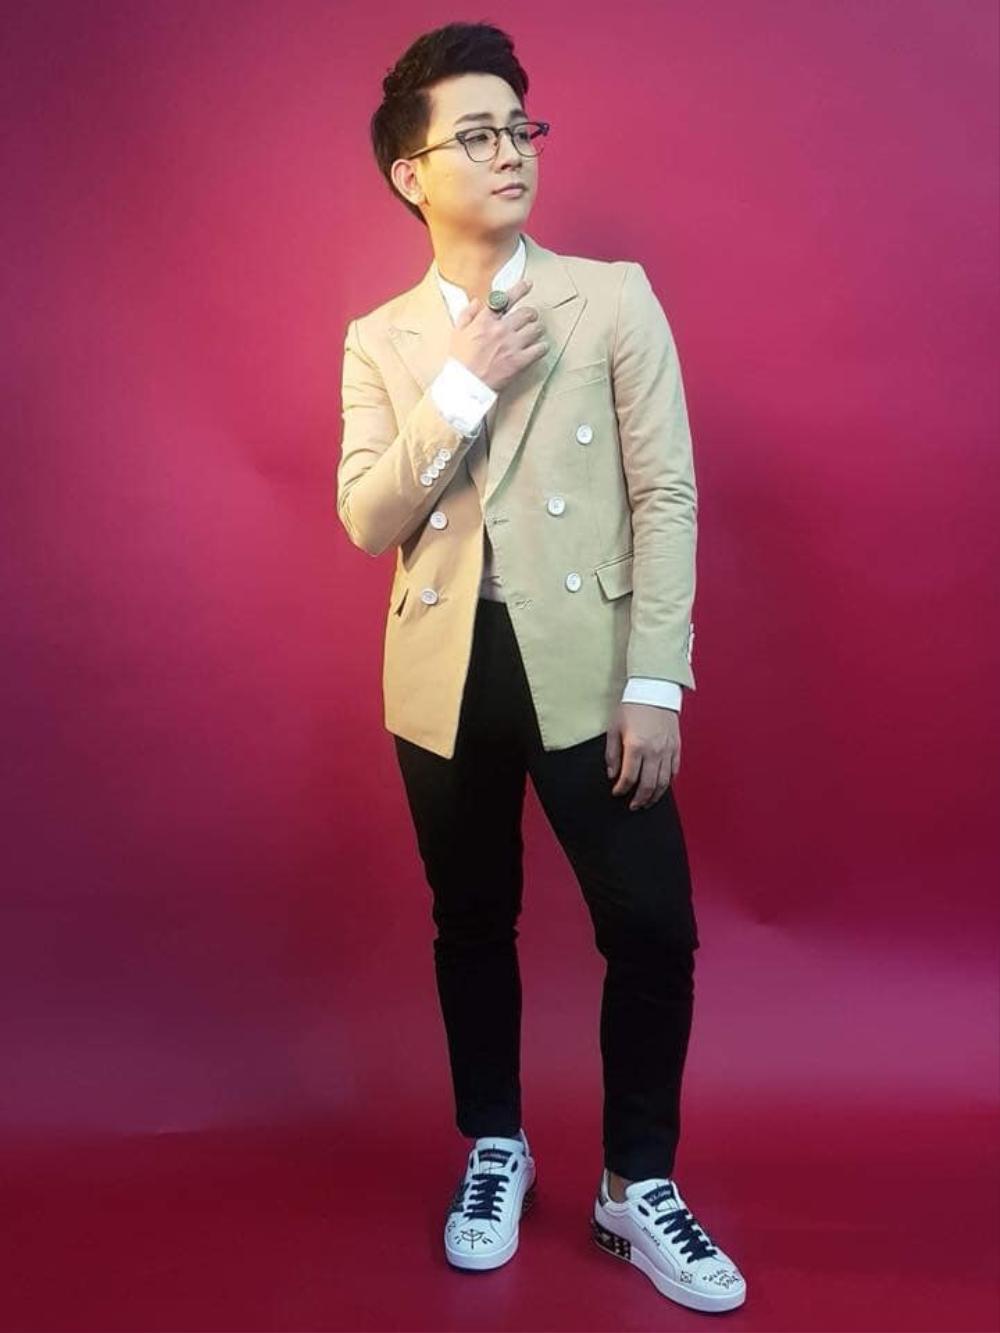 Kênh Youtube của Hoài Lâm cán mốc 1 triệu lượt đăng ký, Lê Hiếu - Xuân Nghị vào chúc mừng Ảnh 1